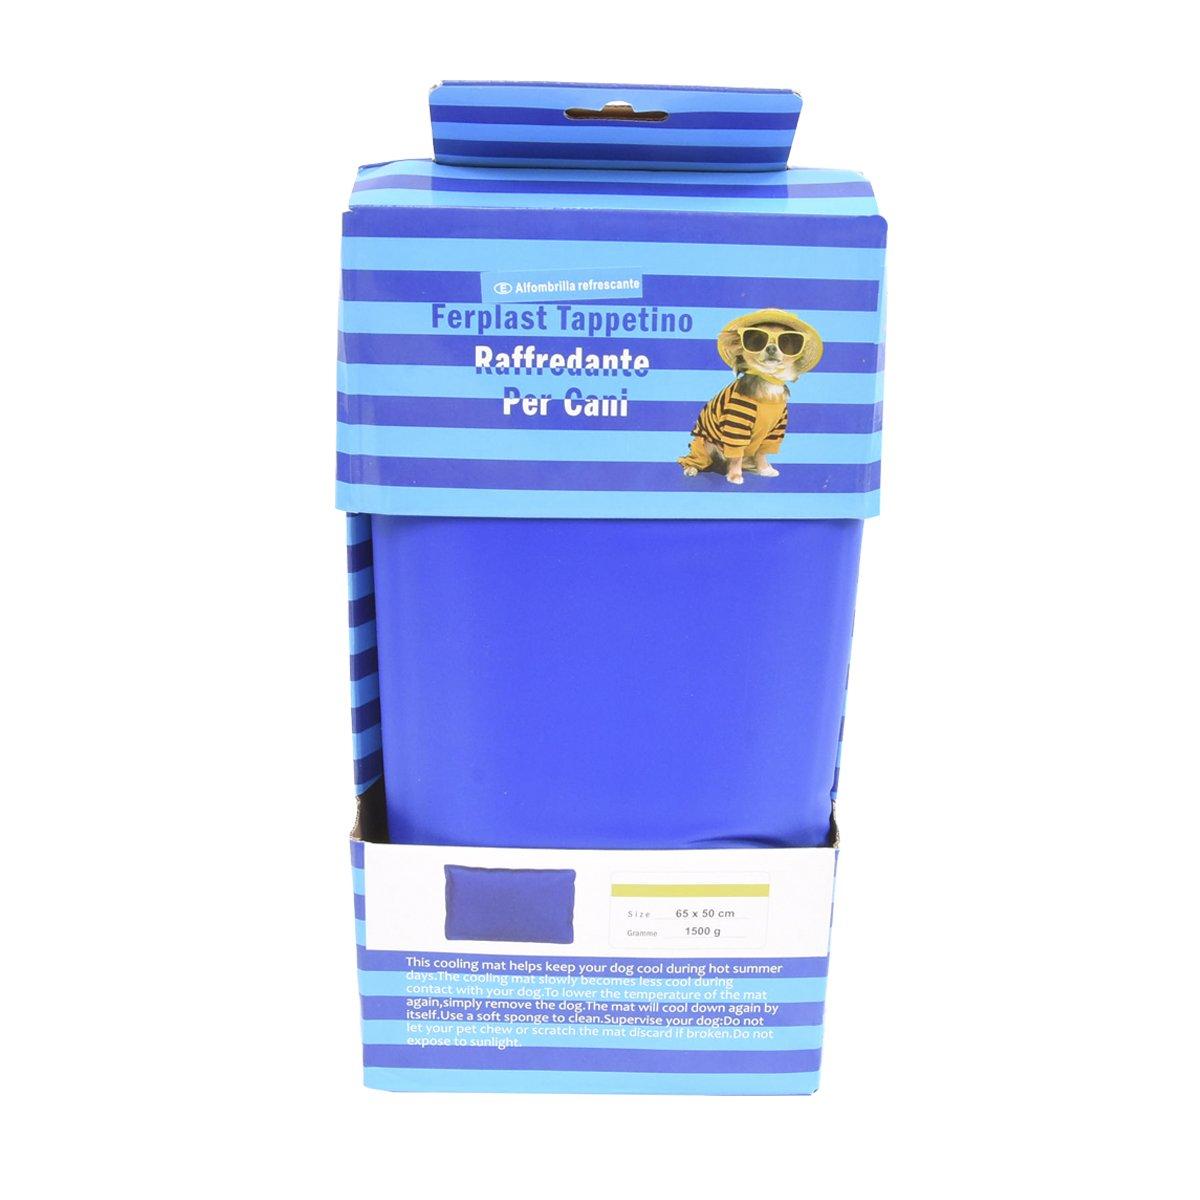 Cisne 2013, SL ¡5 TAMAÑOS! Cama de Perro y Gato Fria para Verano, refrescante 50 x 60 cm Esterilla refrigerante.